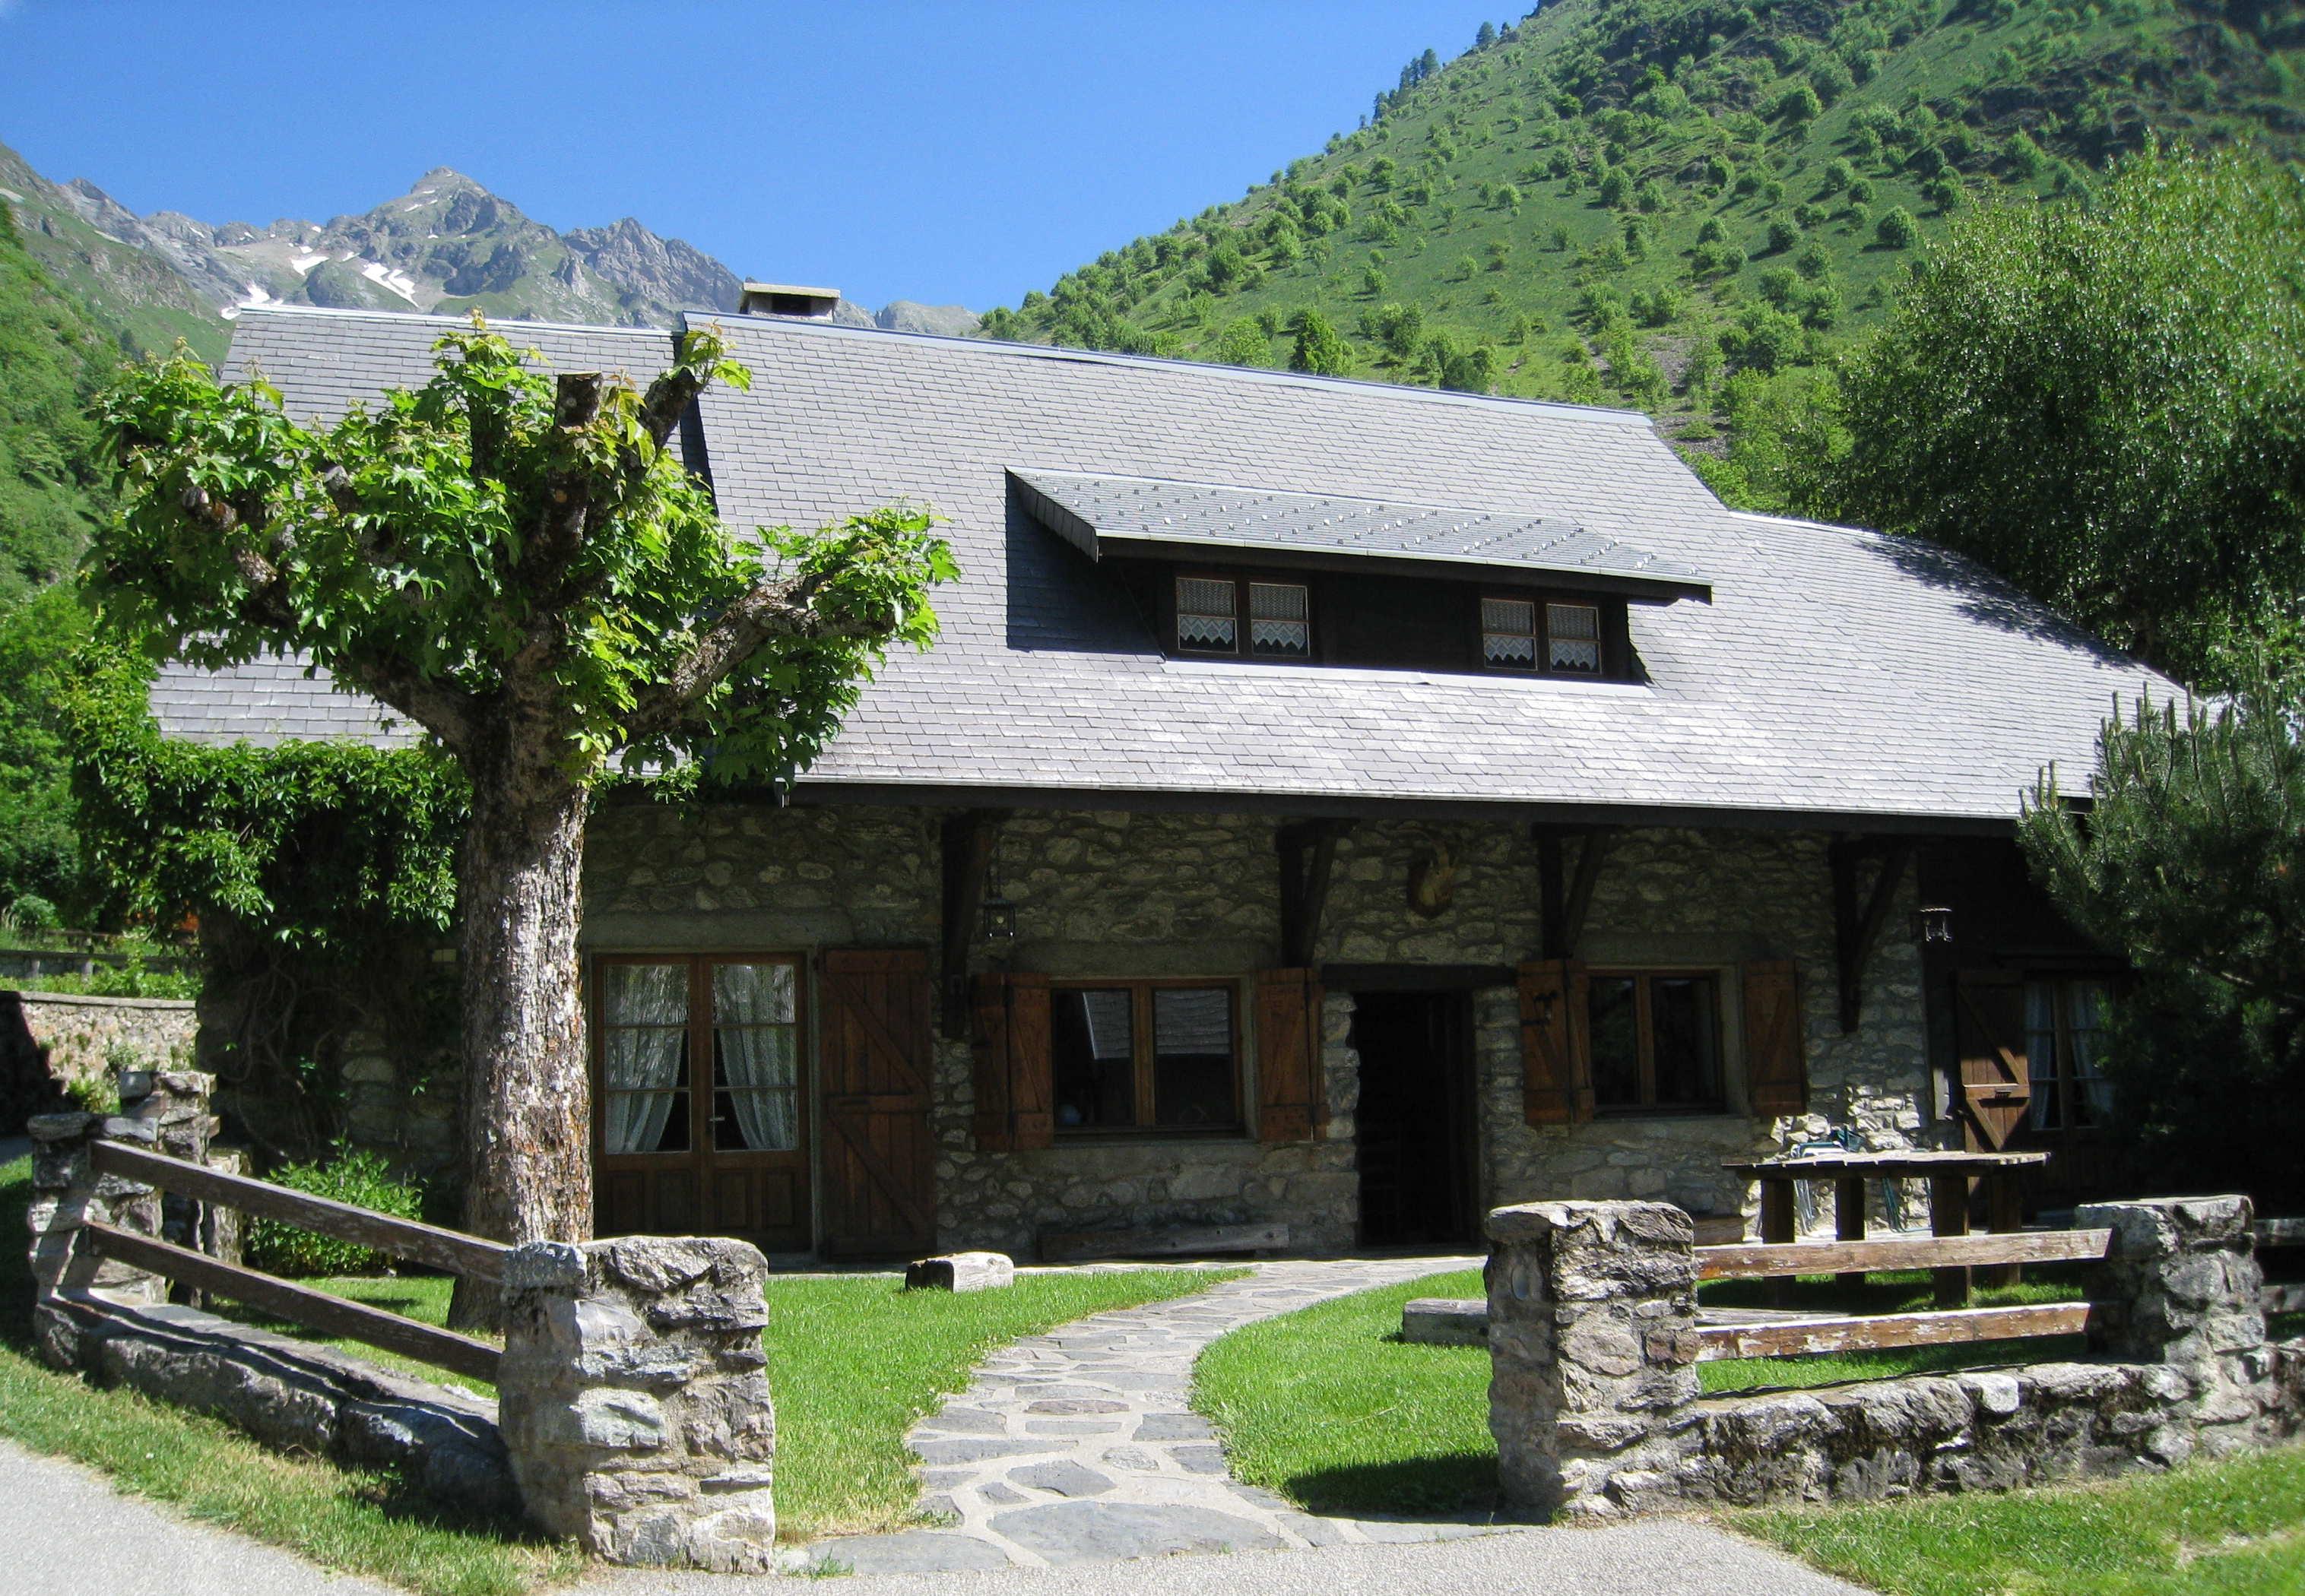 Une Maison Belle : Une belle maison